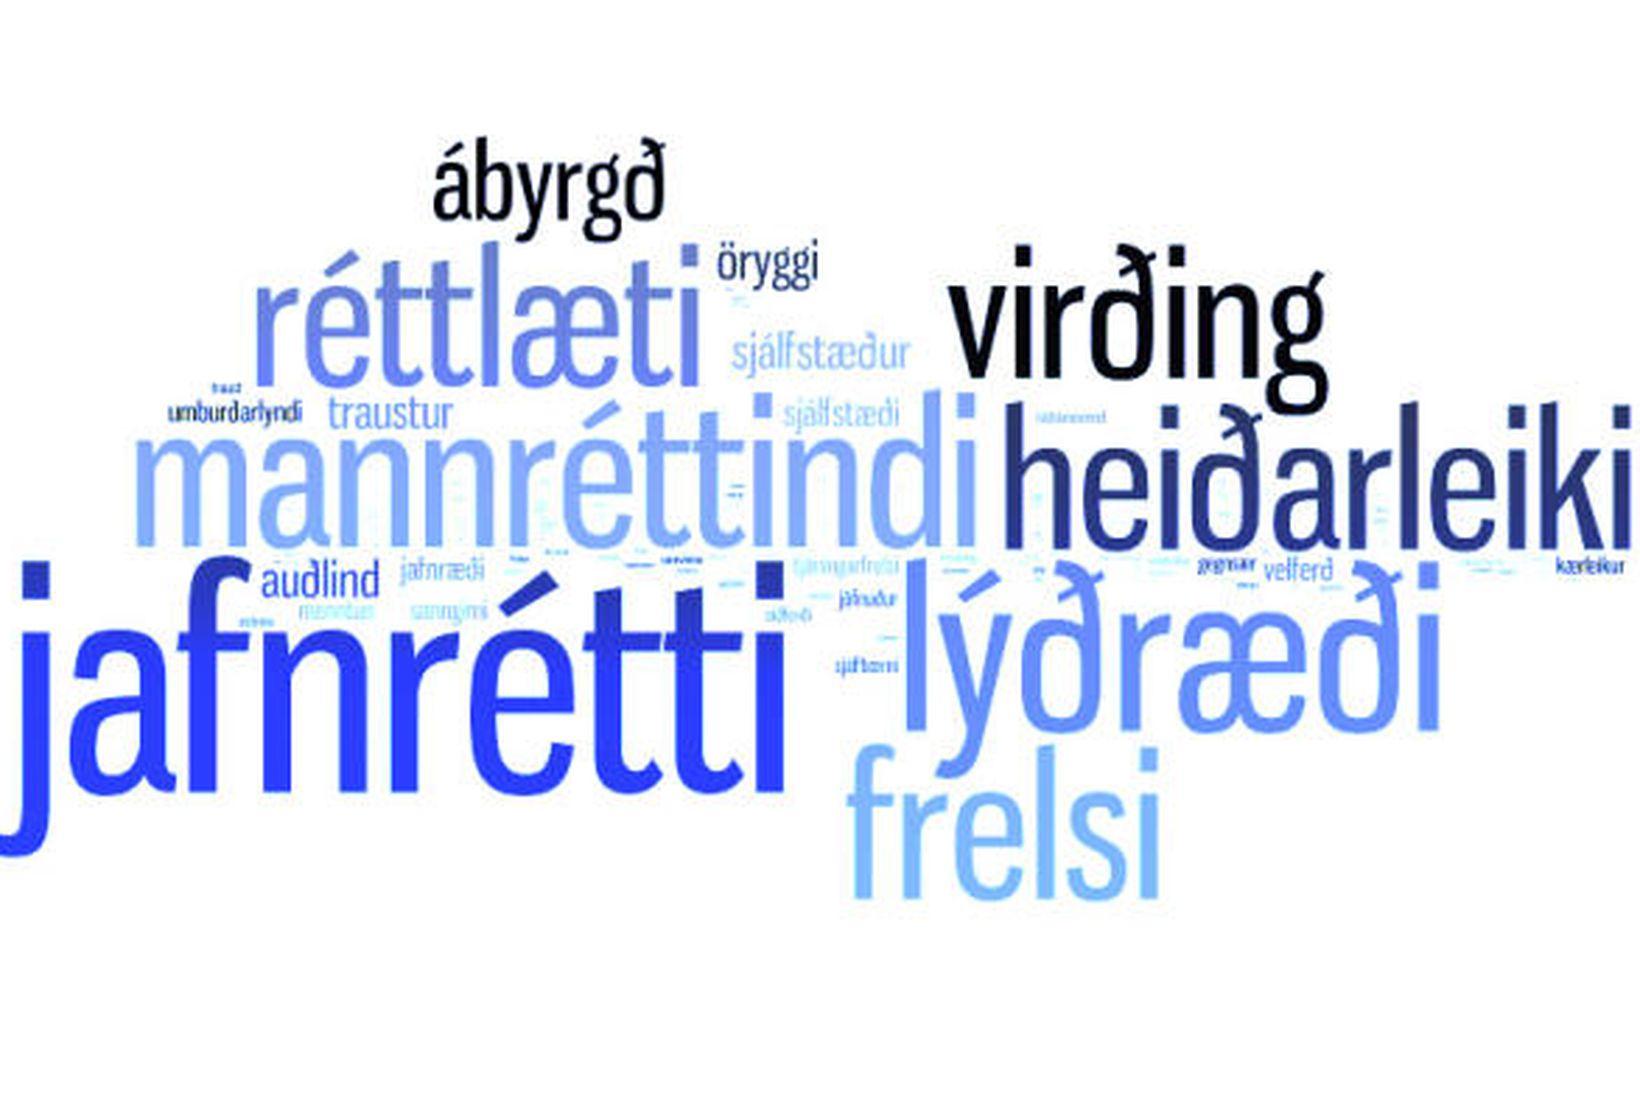 Jafnrétti, lýðræði, mannréttindi, virðing og ábyrgð er meðal helstu gilda …